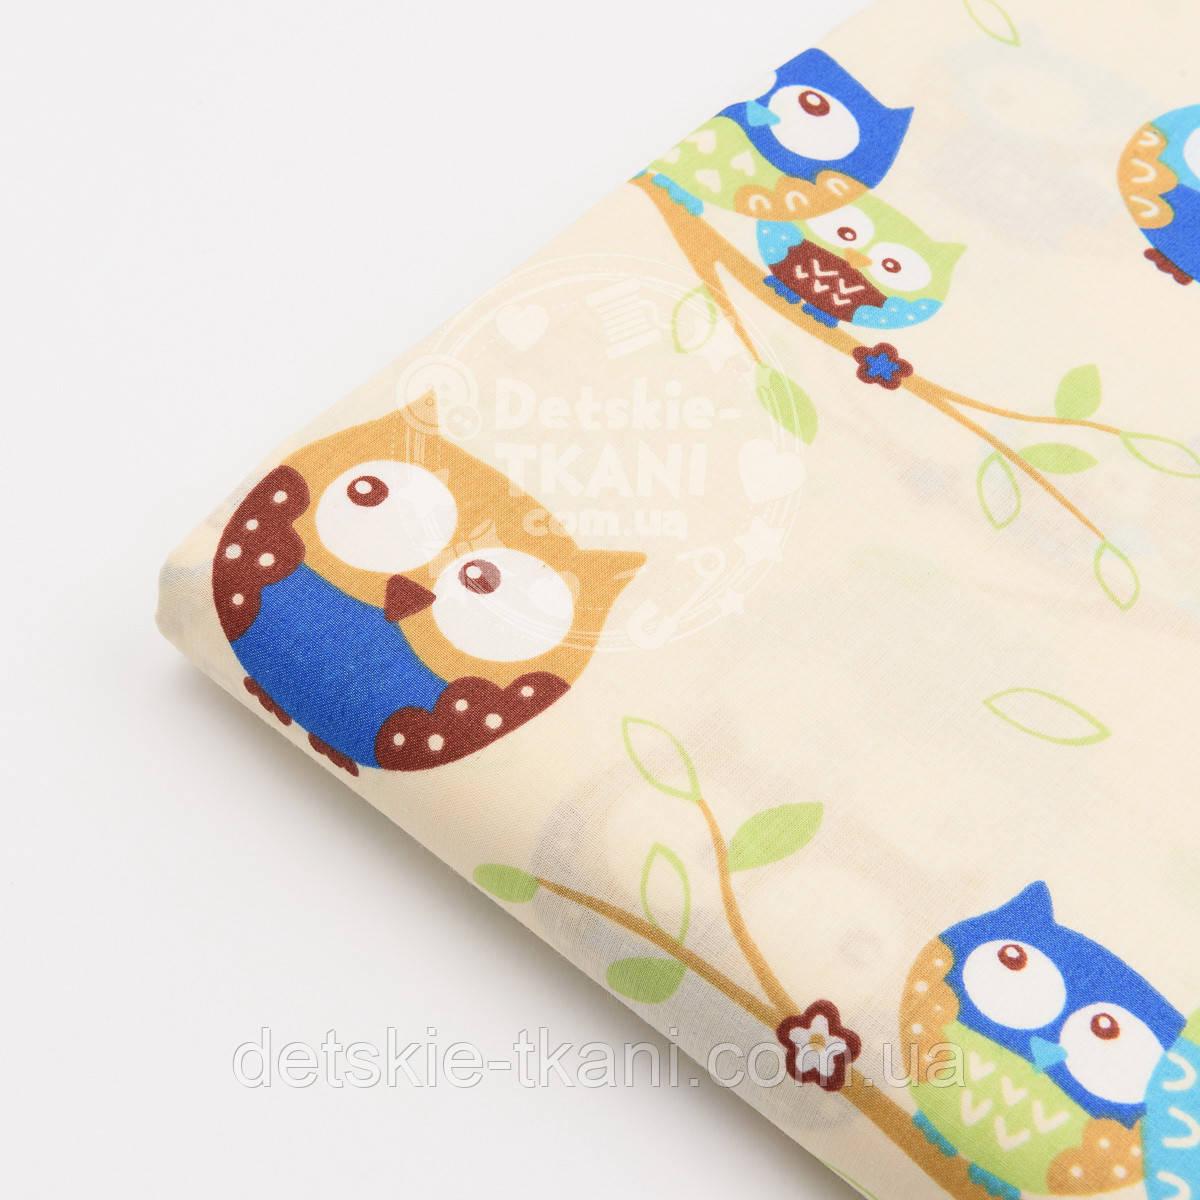 Лоскут ткани №105  совами голубого цвета на бежевом фоне